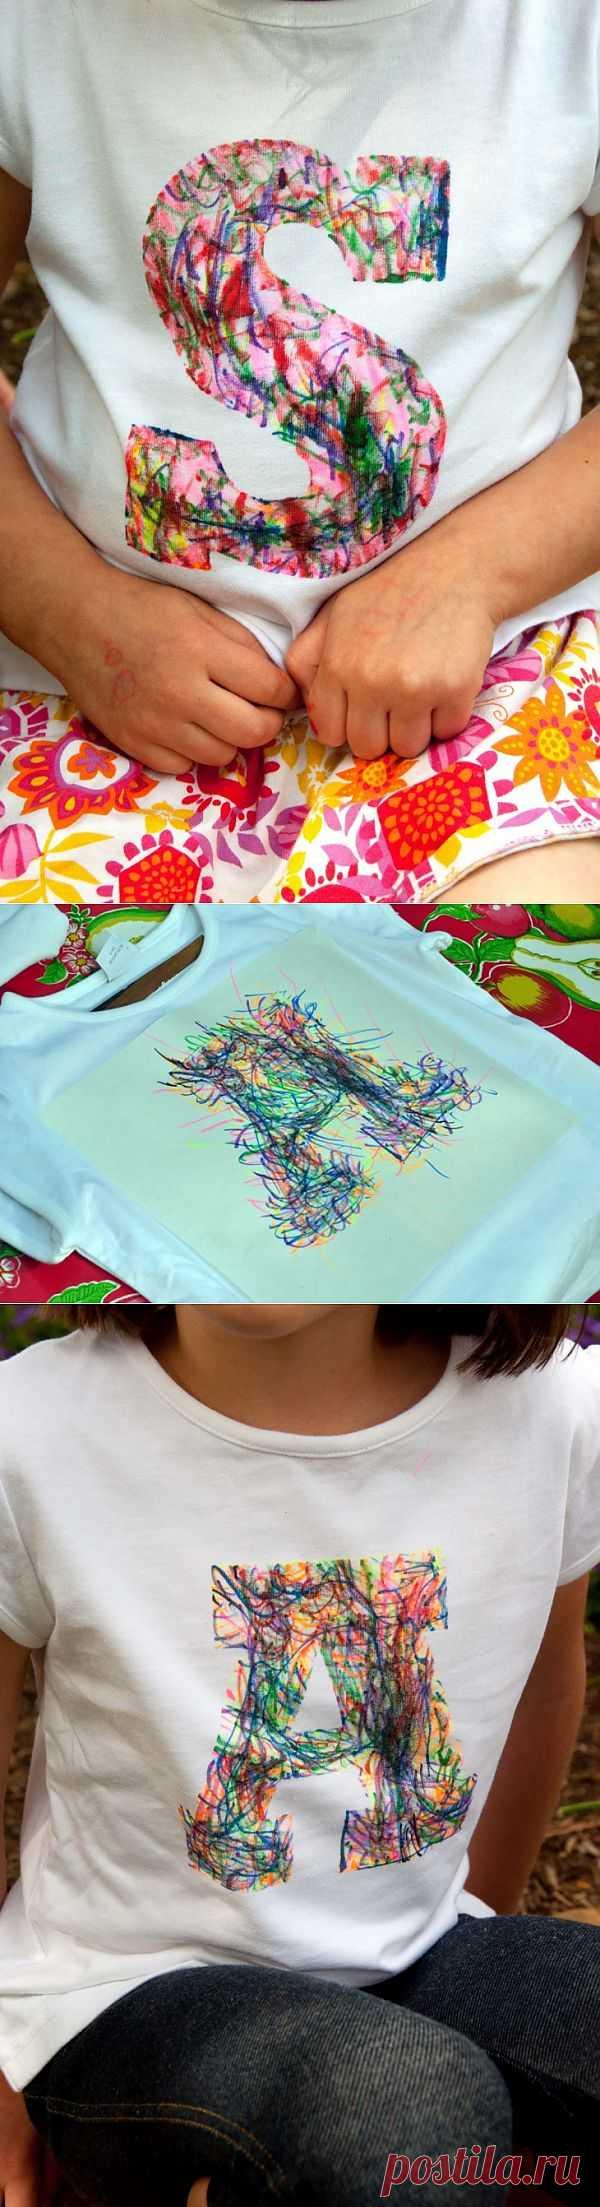 Рисунки для детей (DIY) / Рисунки и надписи / Модный сайт о стильной переделке одежды и интерьера